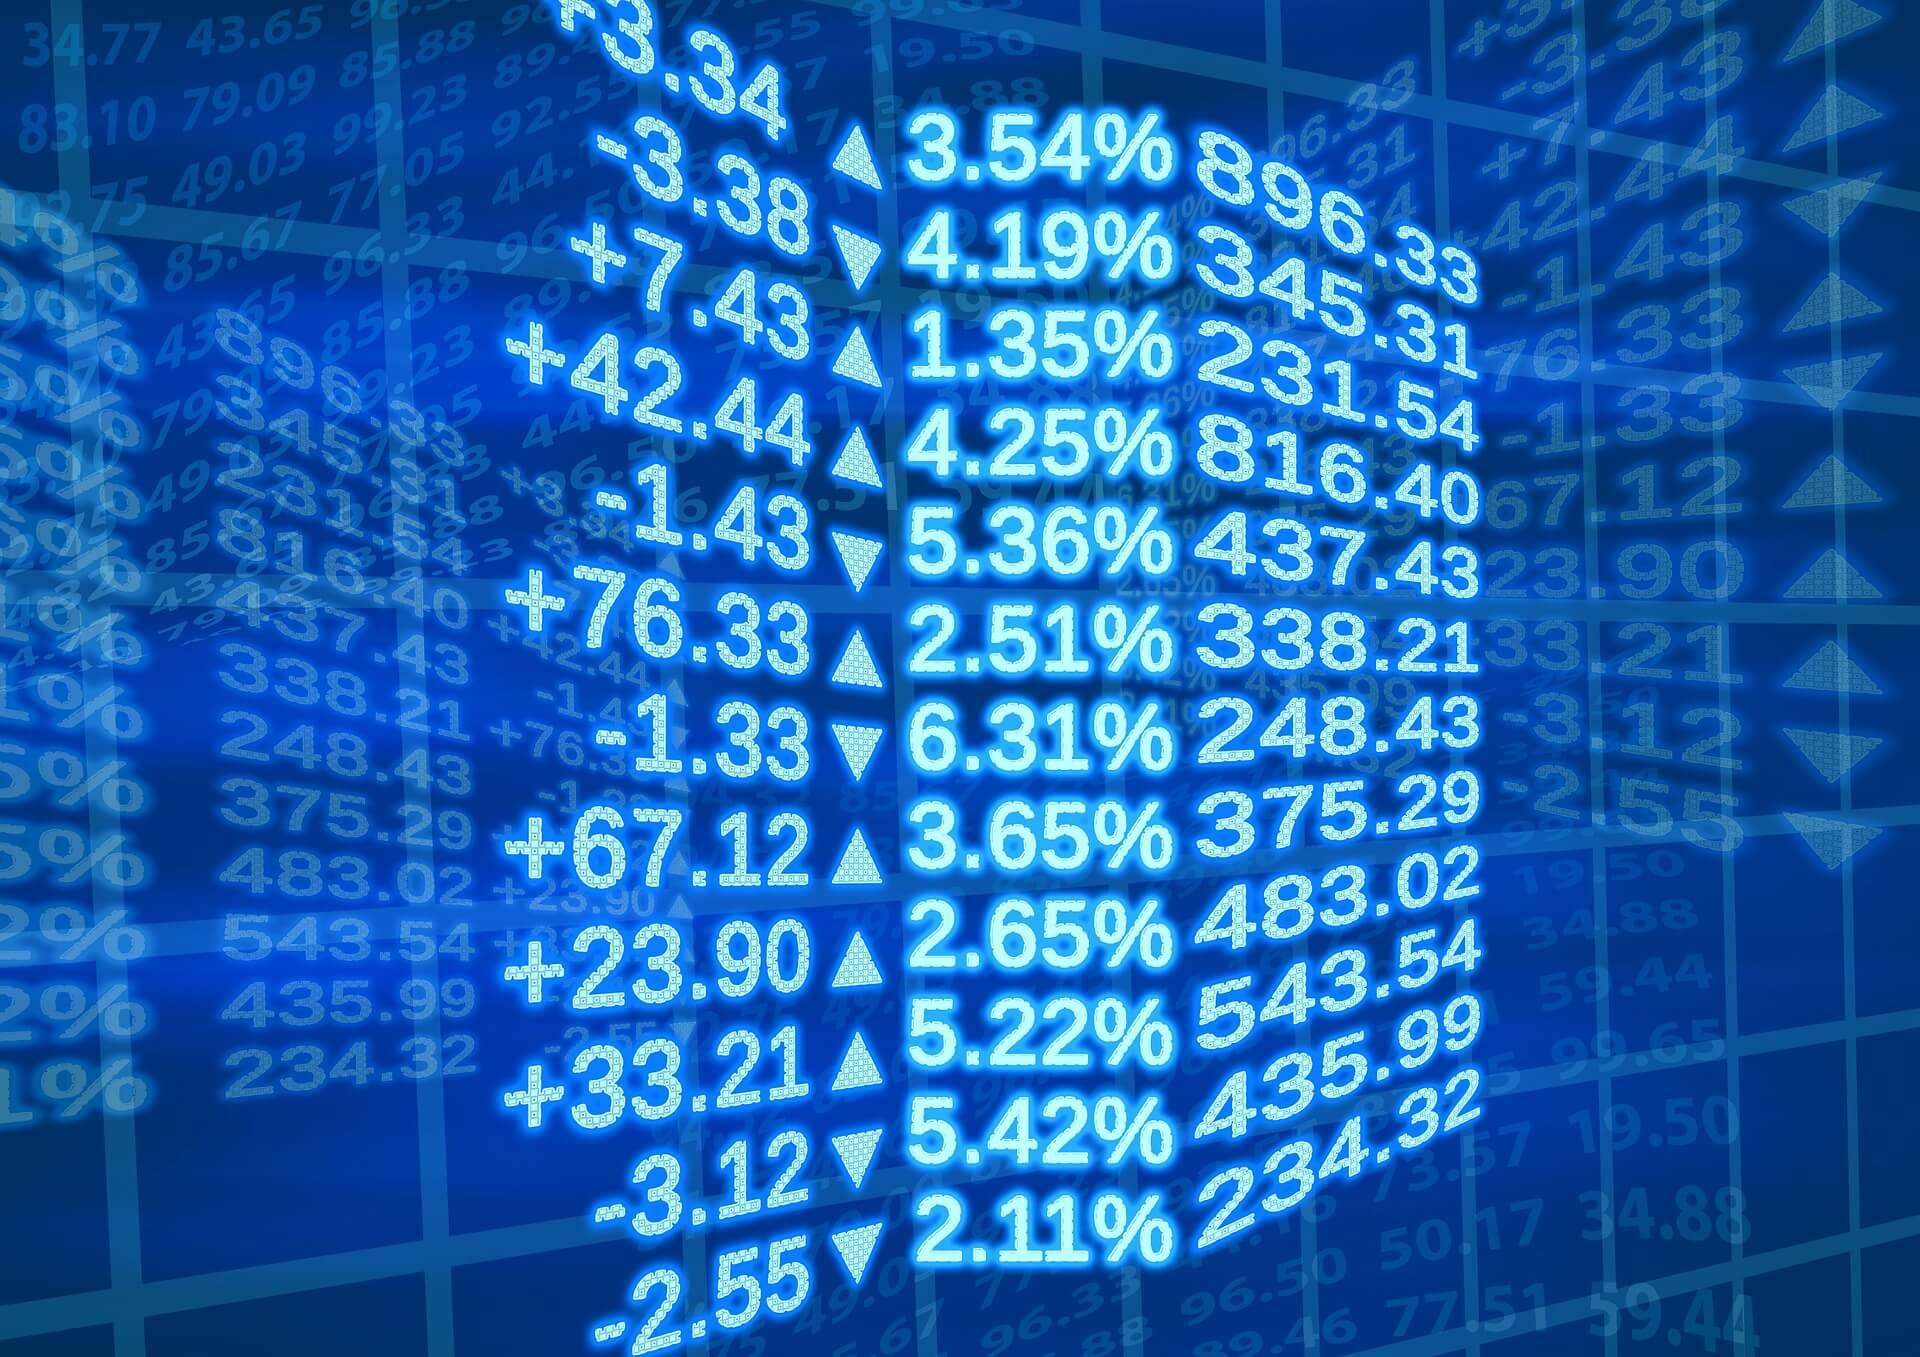 Resumen de la rentabilidad sobre el capital empleado: Colfax